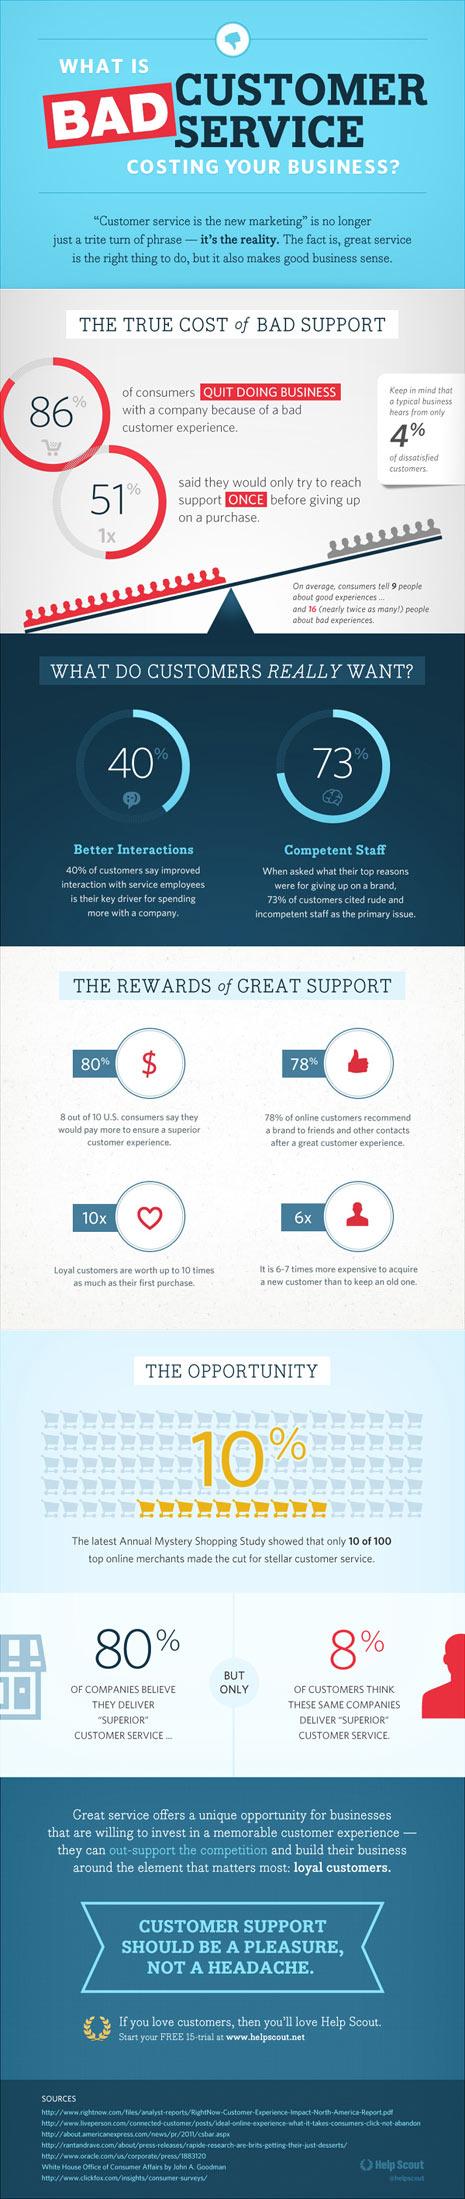 ¿Cuál es el verdadero coste de un mal servicio al cliente?